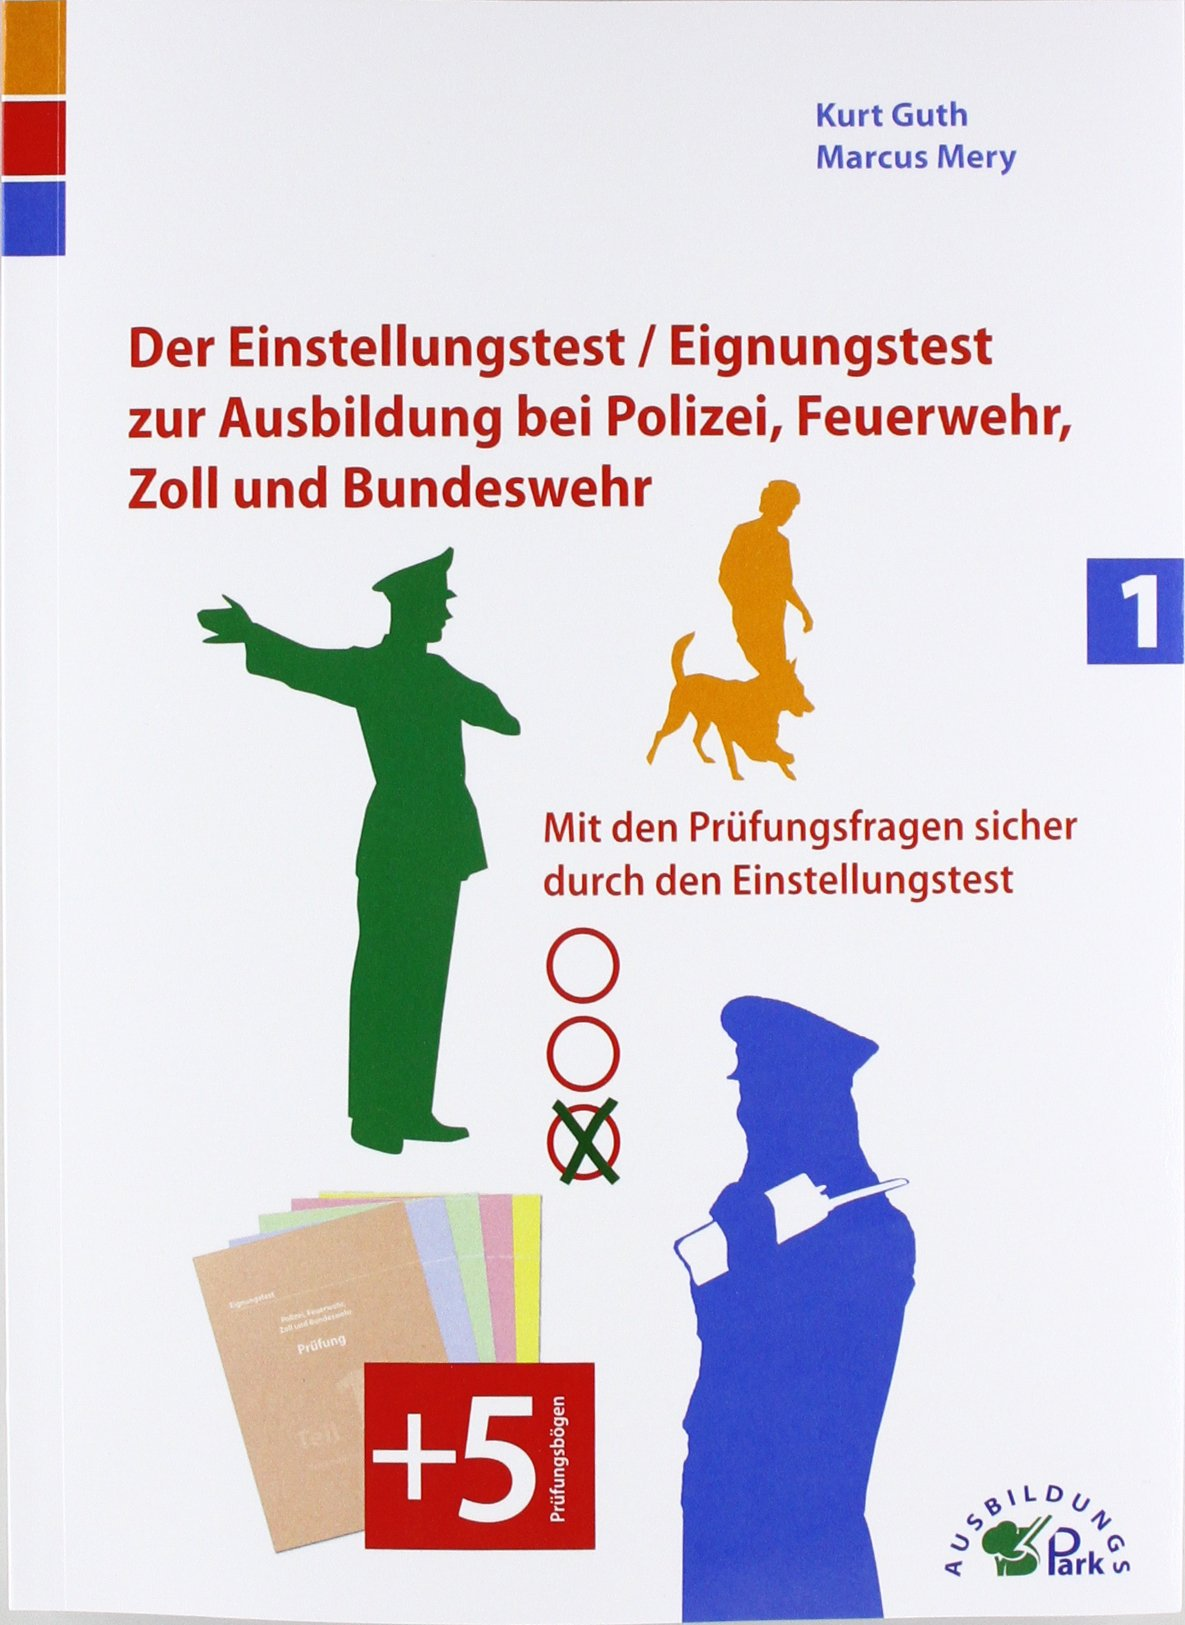 Der Eignungstest / Einstellungstest zur Ausbildung bei Polizei - Kurt Guth,  Marcus Mery - Amazon.de: Bücher